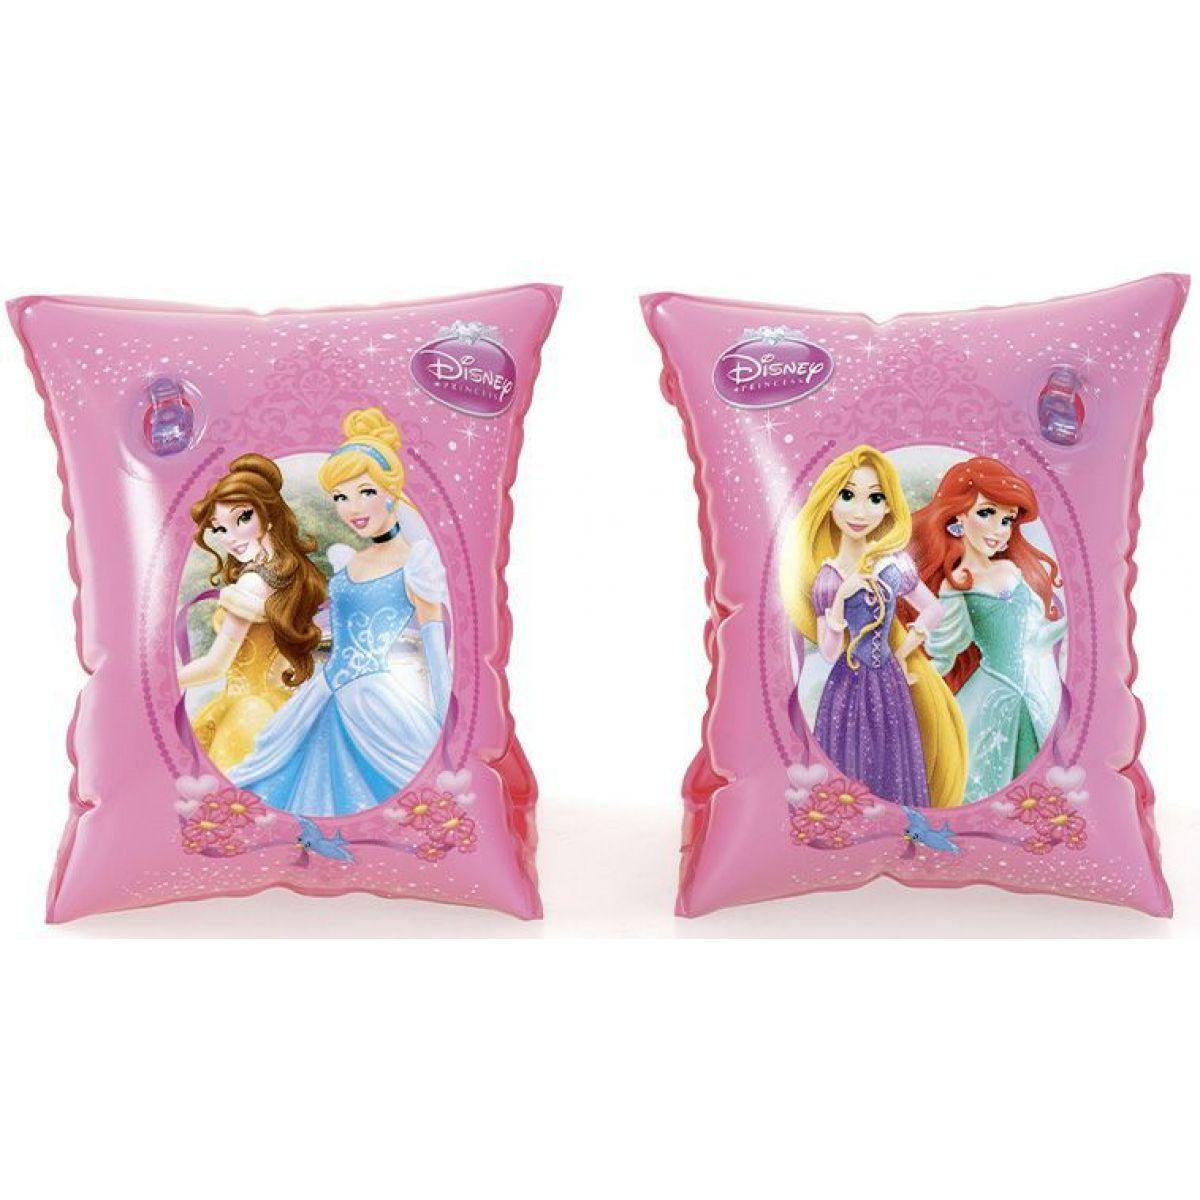 Bestway Nafukovací rukávky Princezny 23 x 15 cm